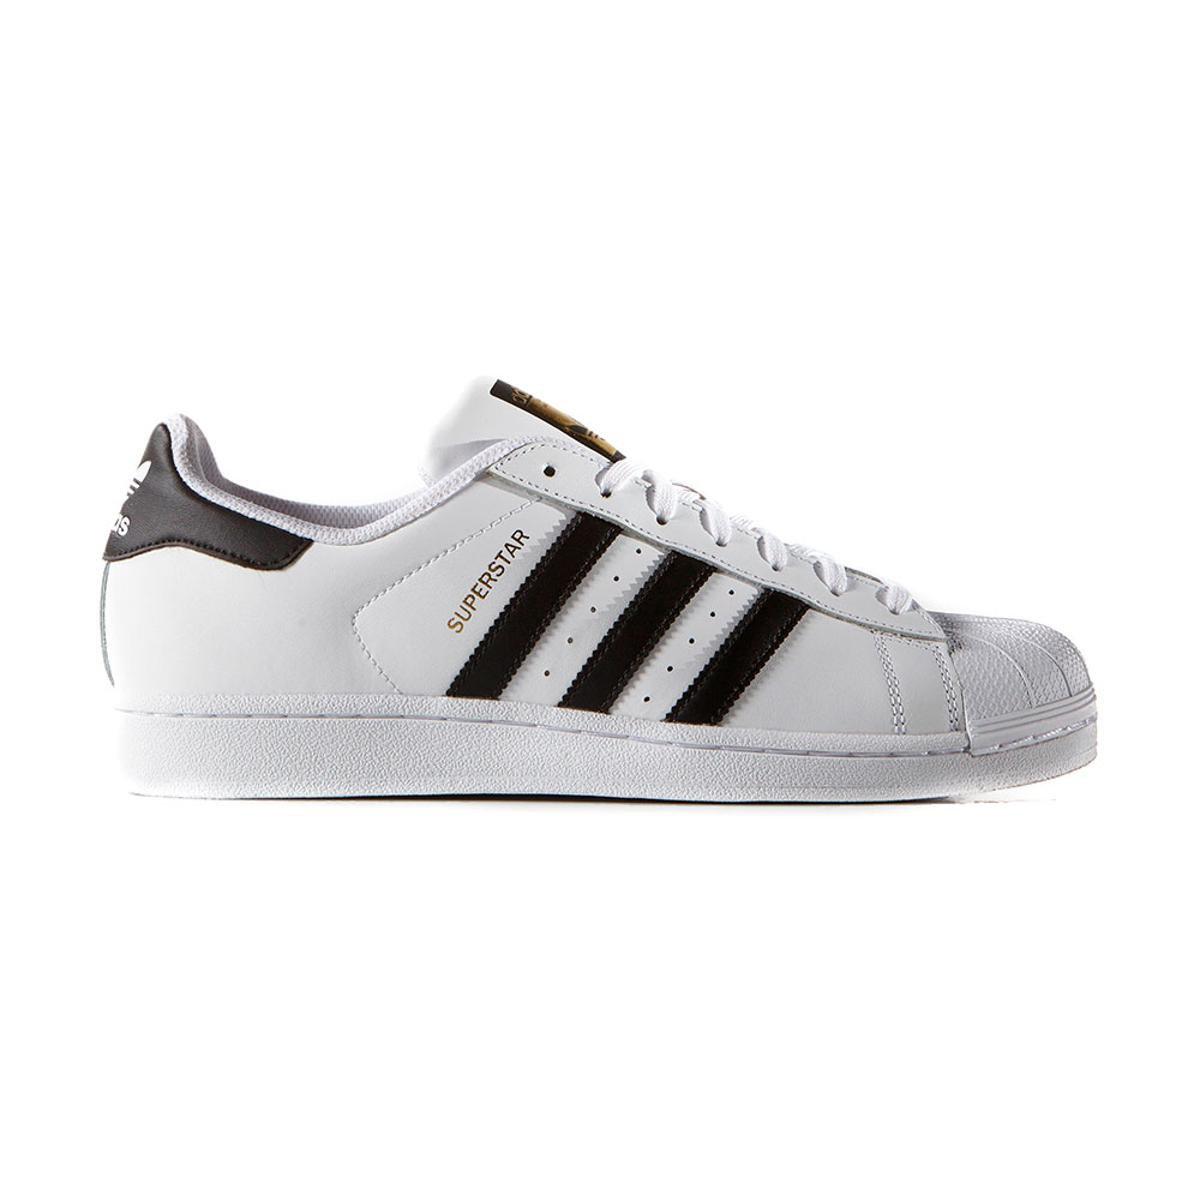 cf88439150 Tênis Adidas Superstar Foundation - Compre Agora